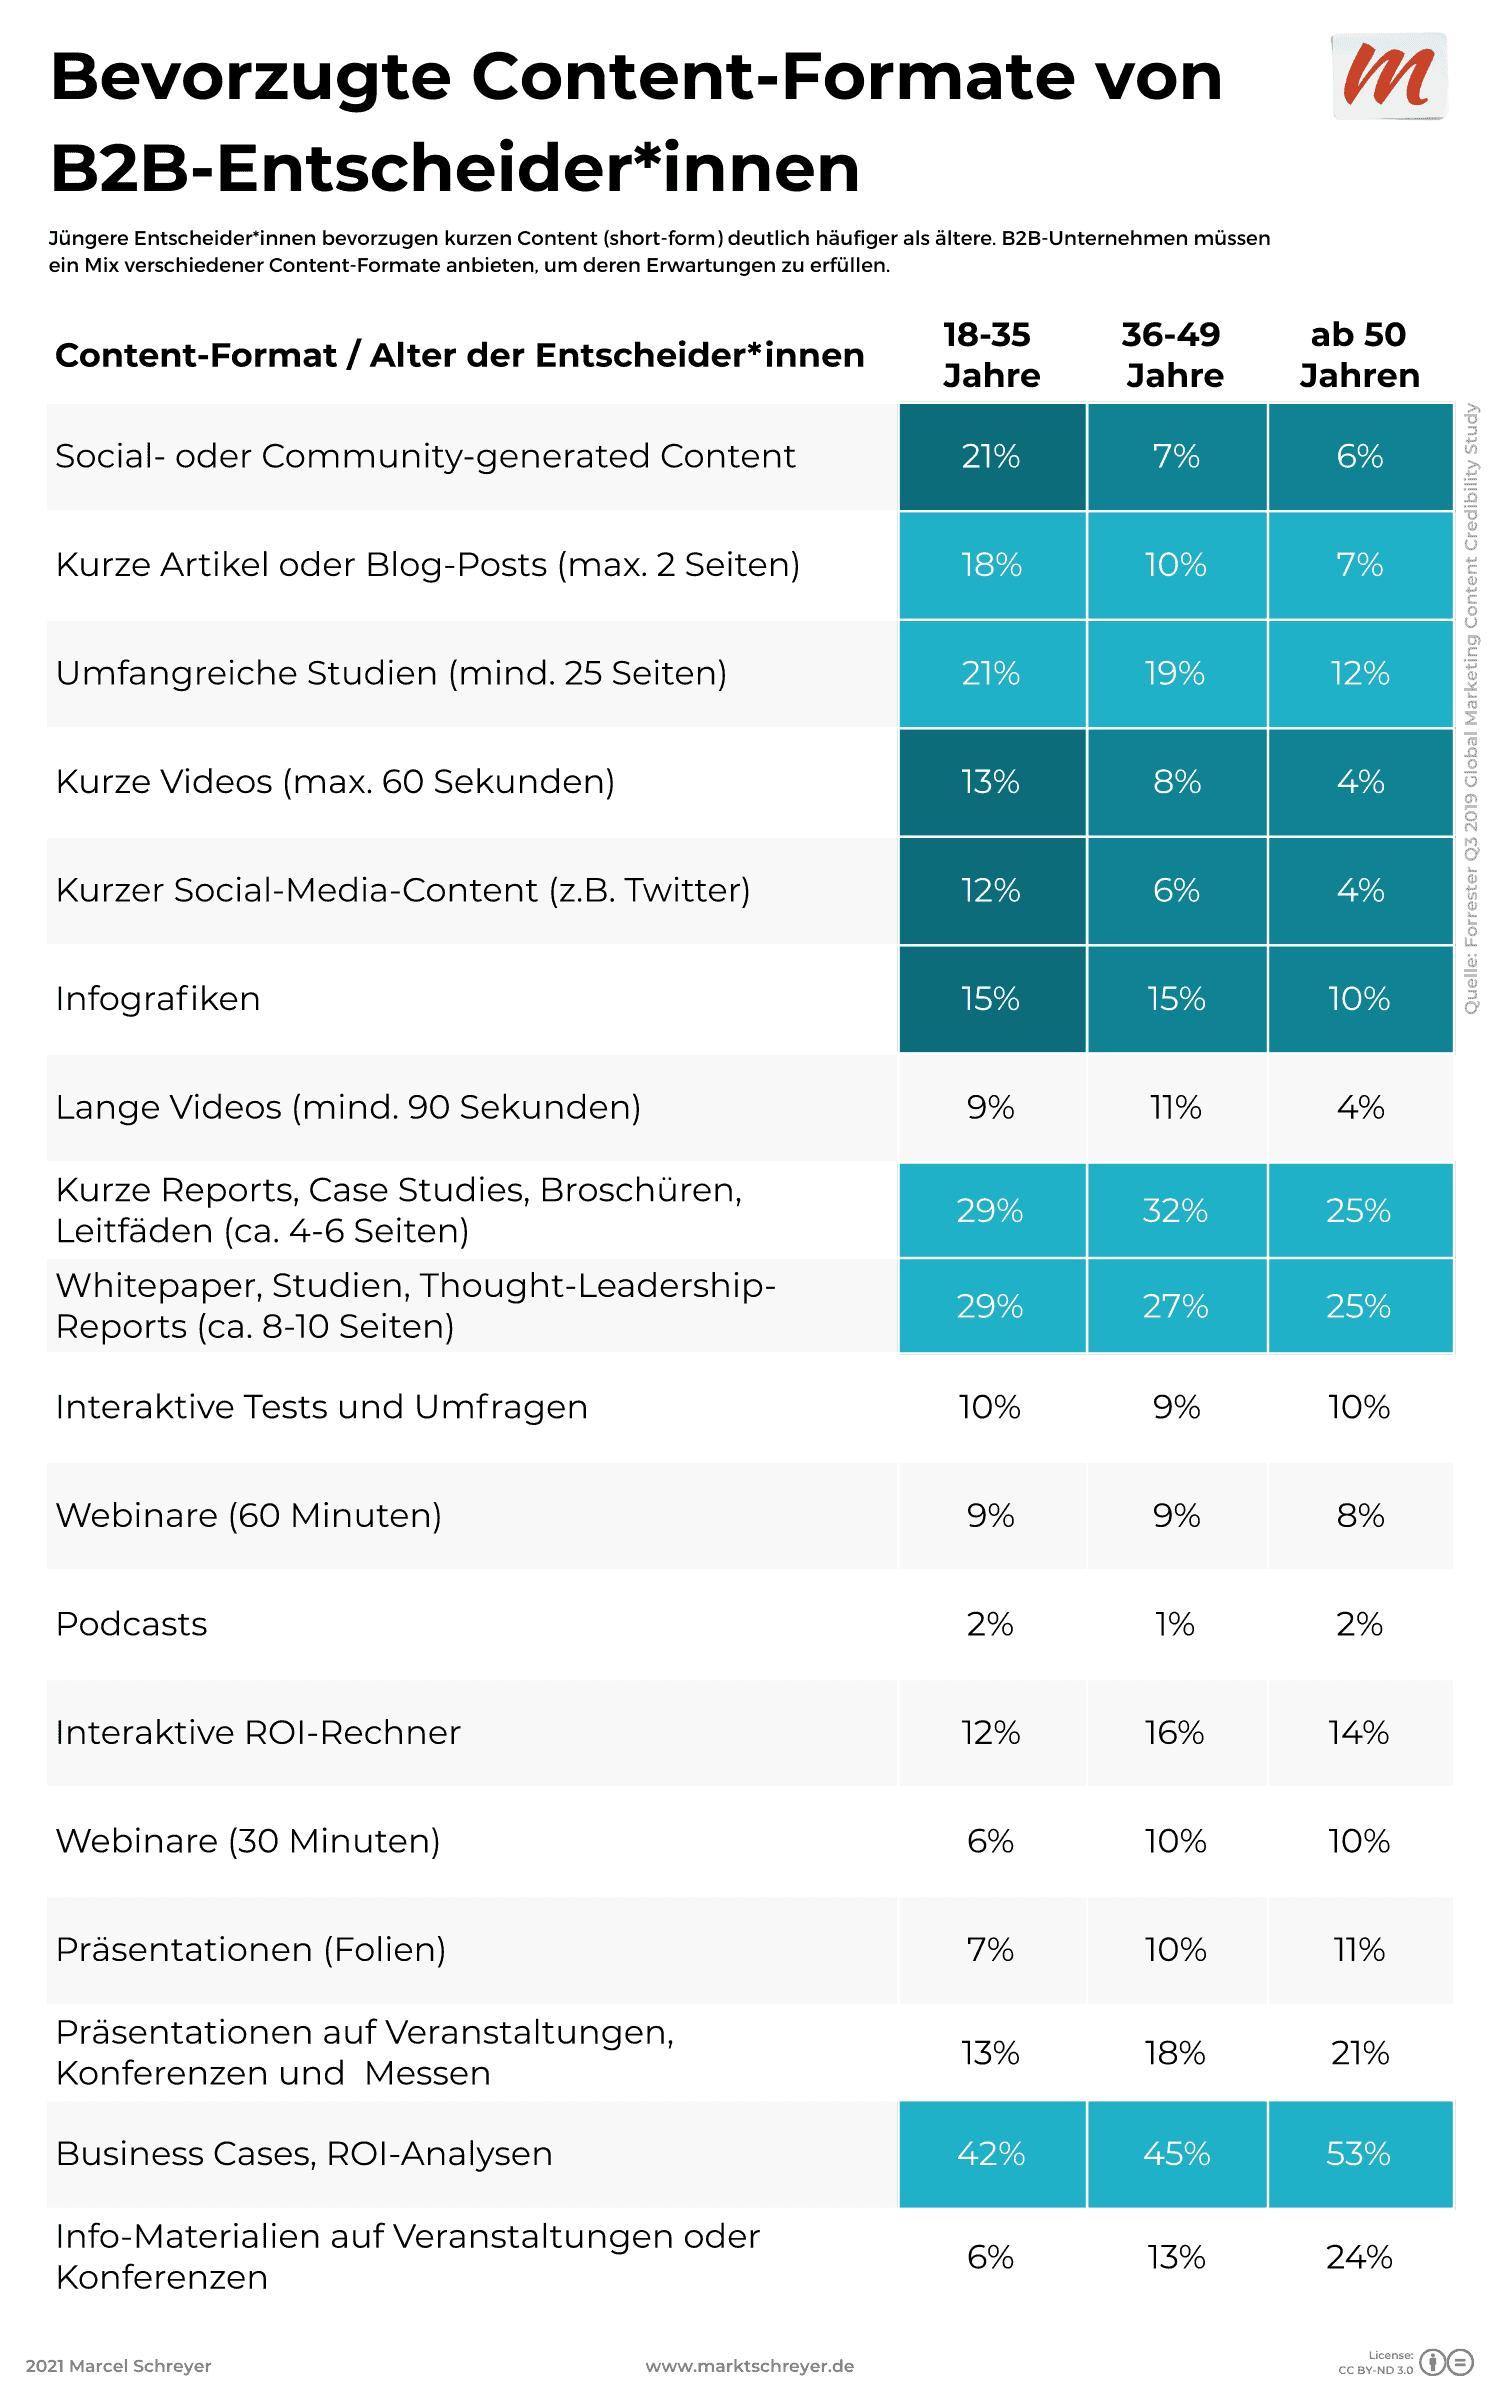 Bevorzugte Content-Formate von B2B-Entscheider*innen